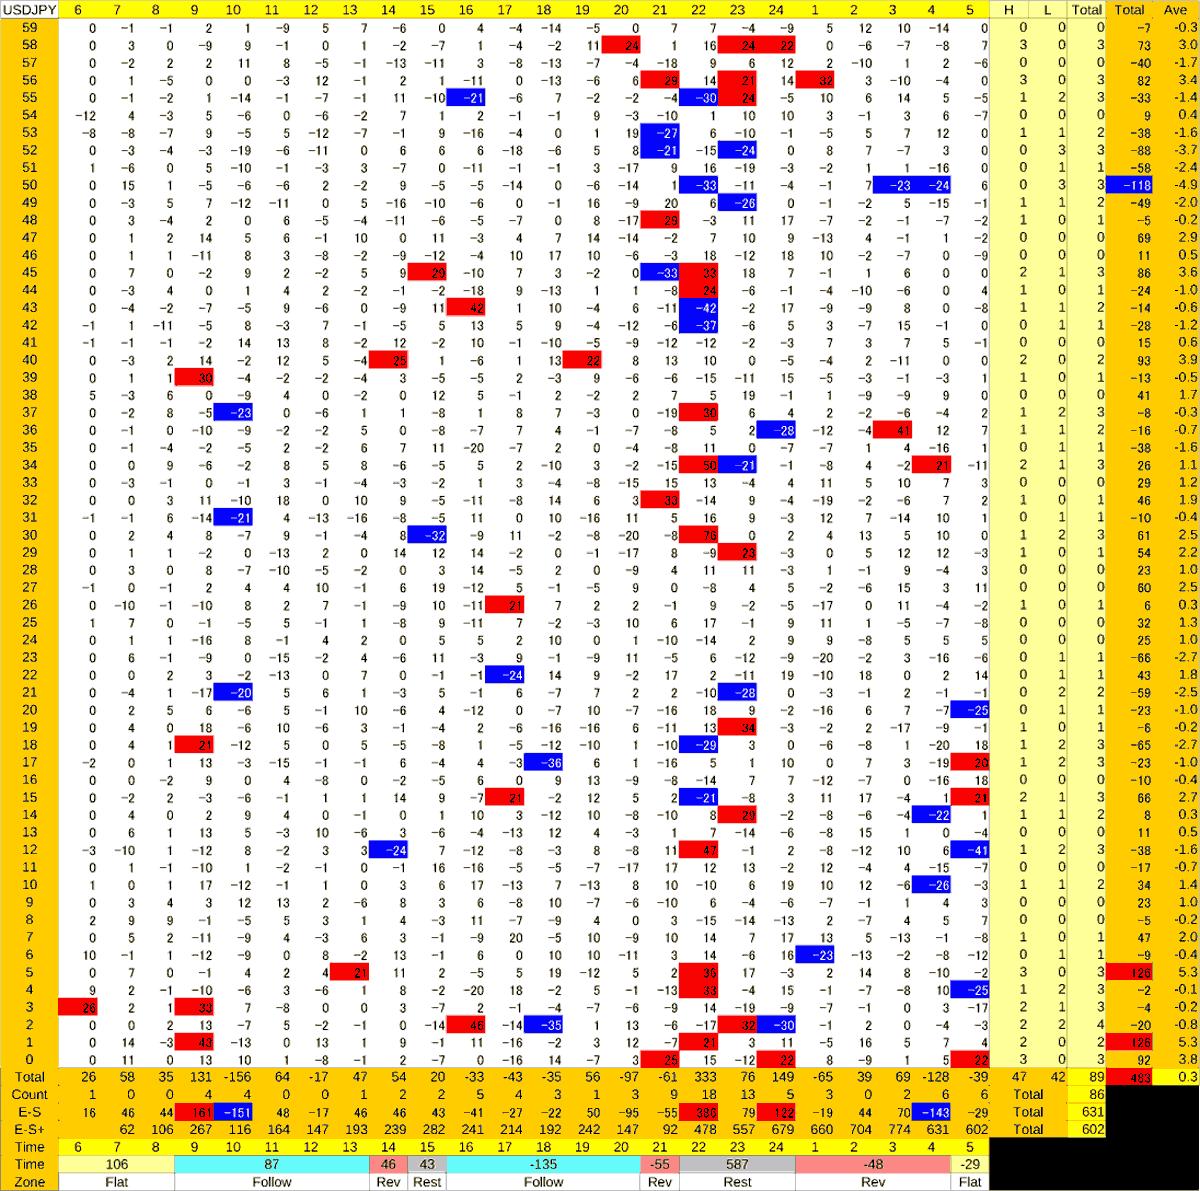 20200811_HS(1)USDJPY